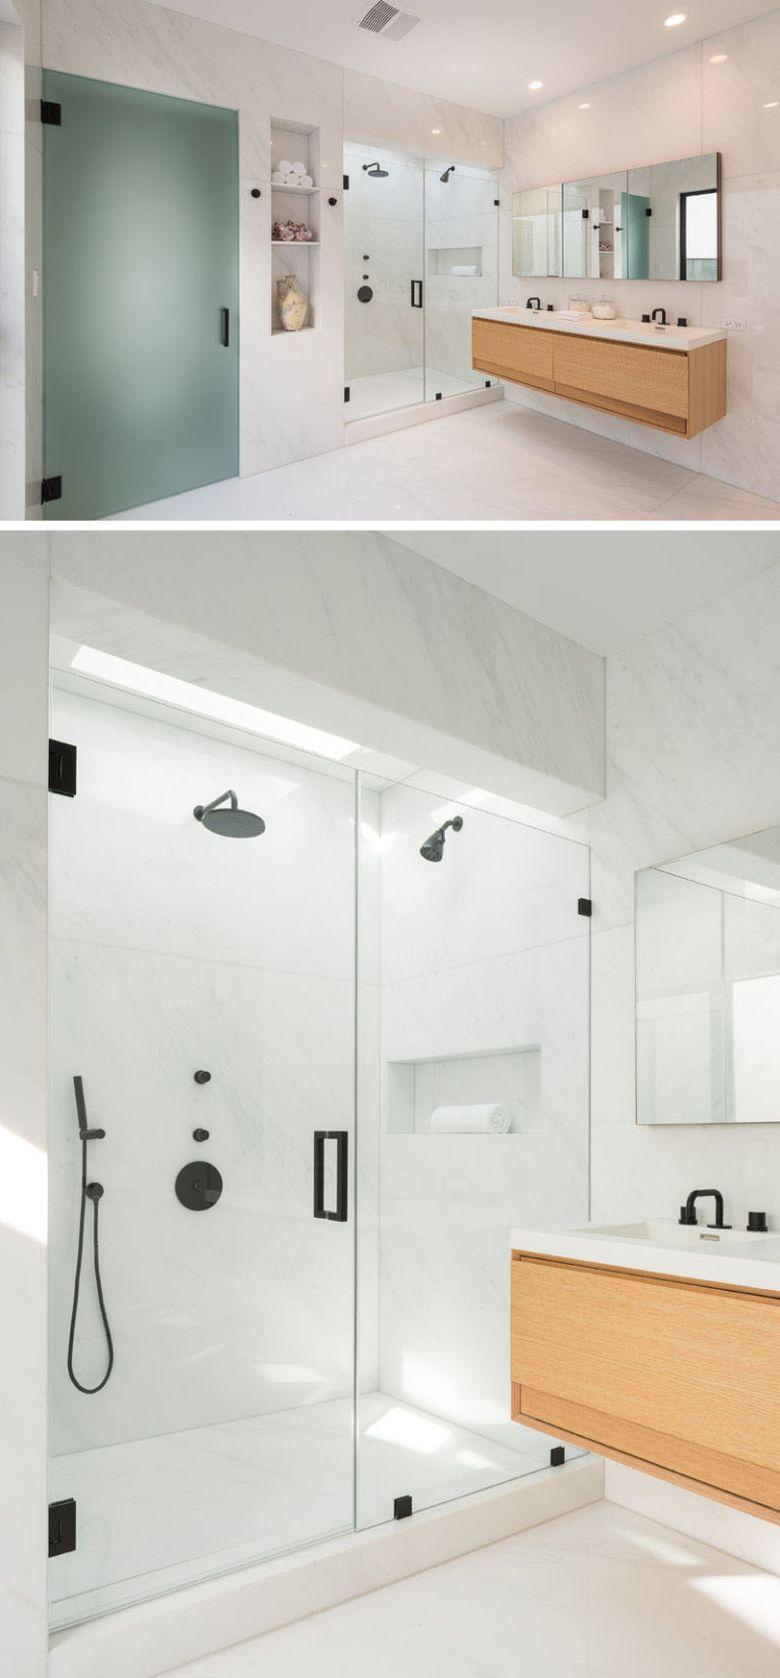 Интерьер ванной с черными кранами